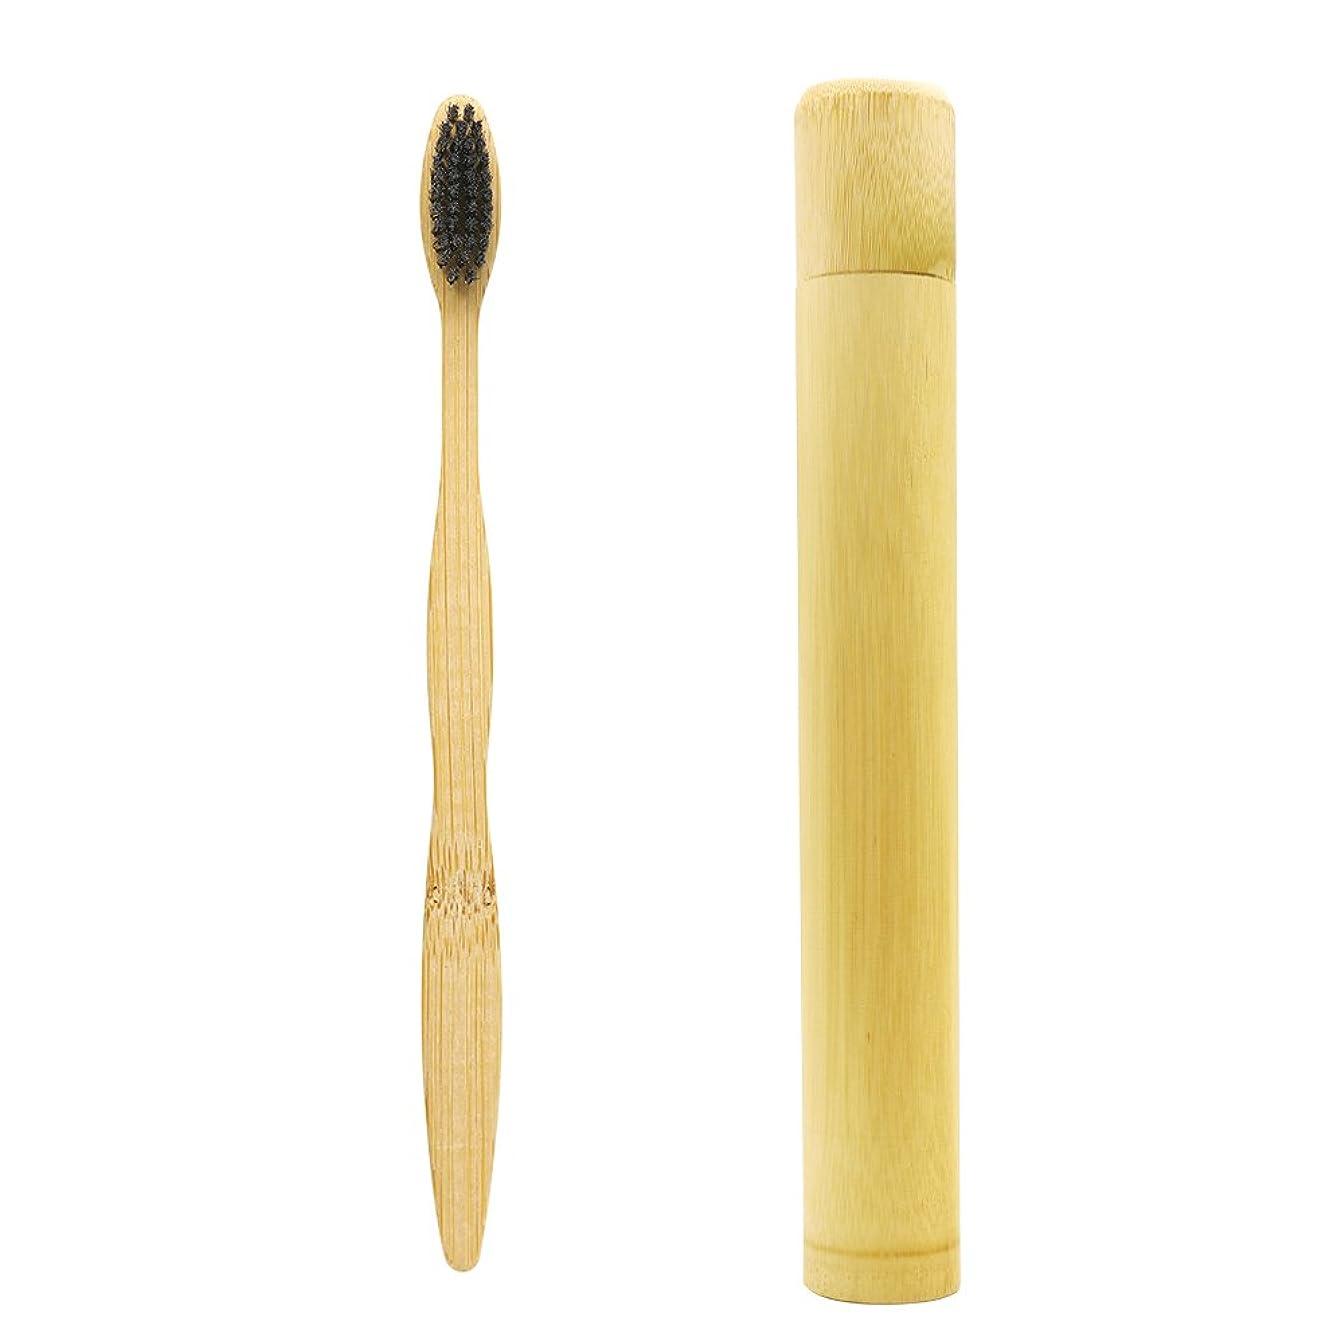 に頼るレタスアコーN-amboo 歯ブラシ ケース付き 竹製 高耐久性 出張旅行 携帯便利